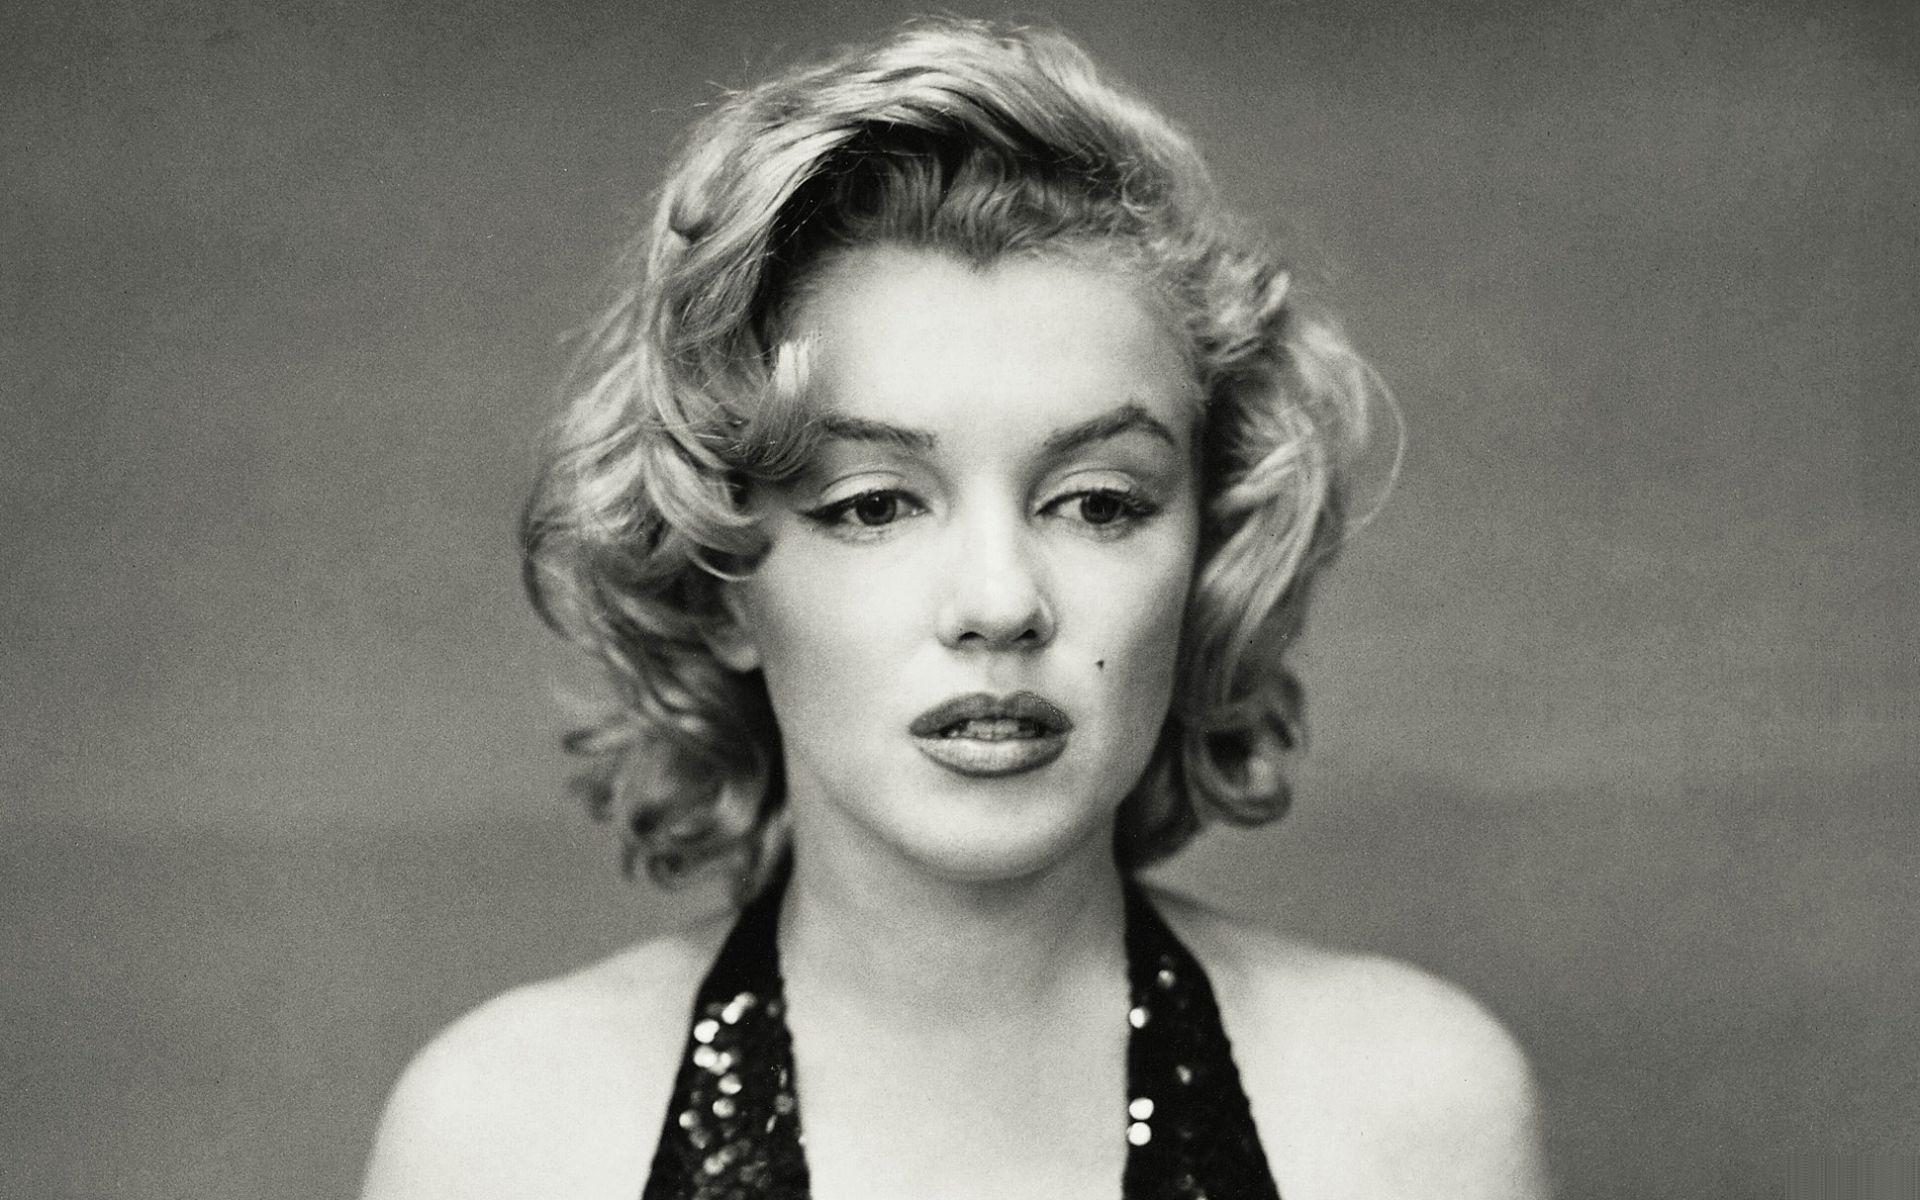 Black And White Marilyn Monroe Wallpaper Borde 14914 Full HD .